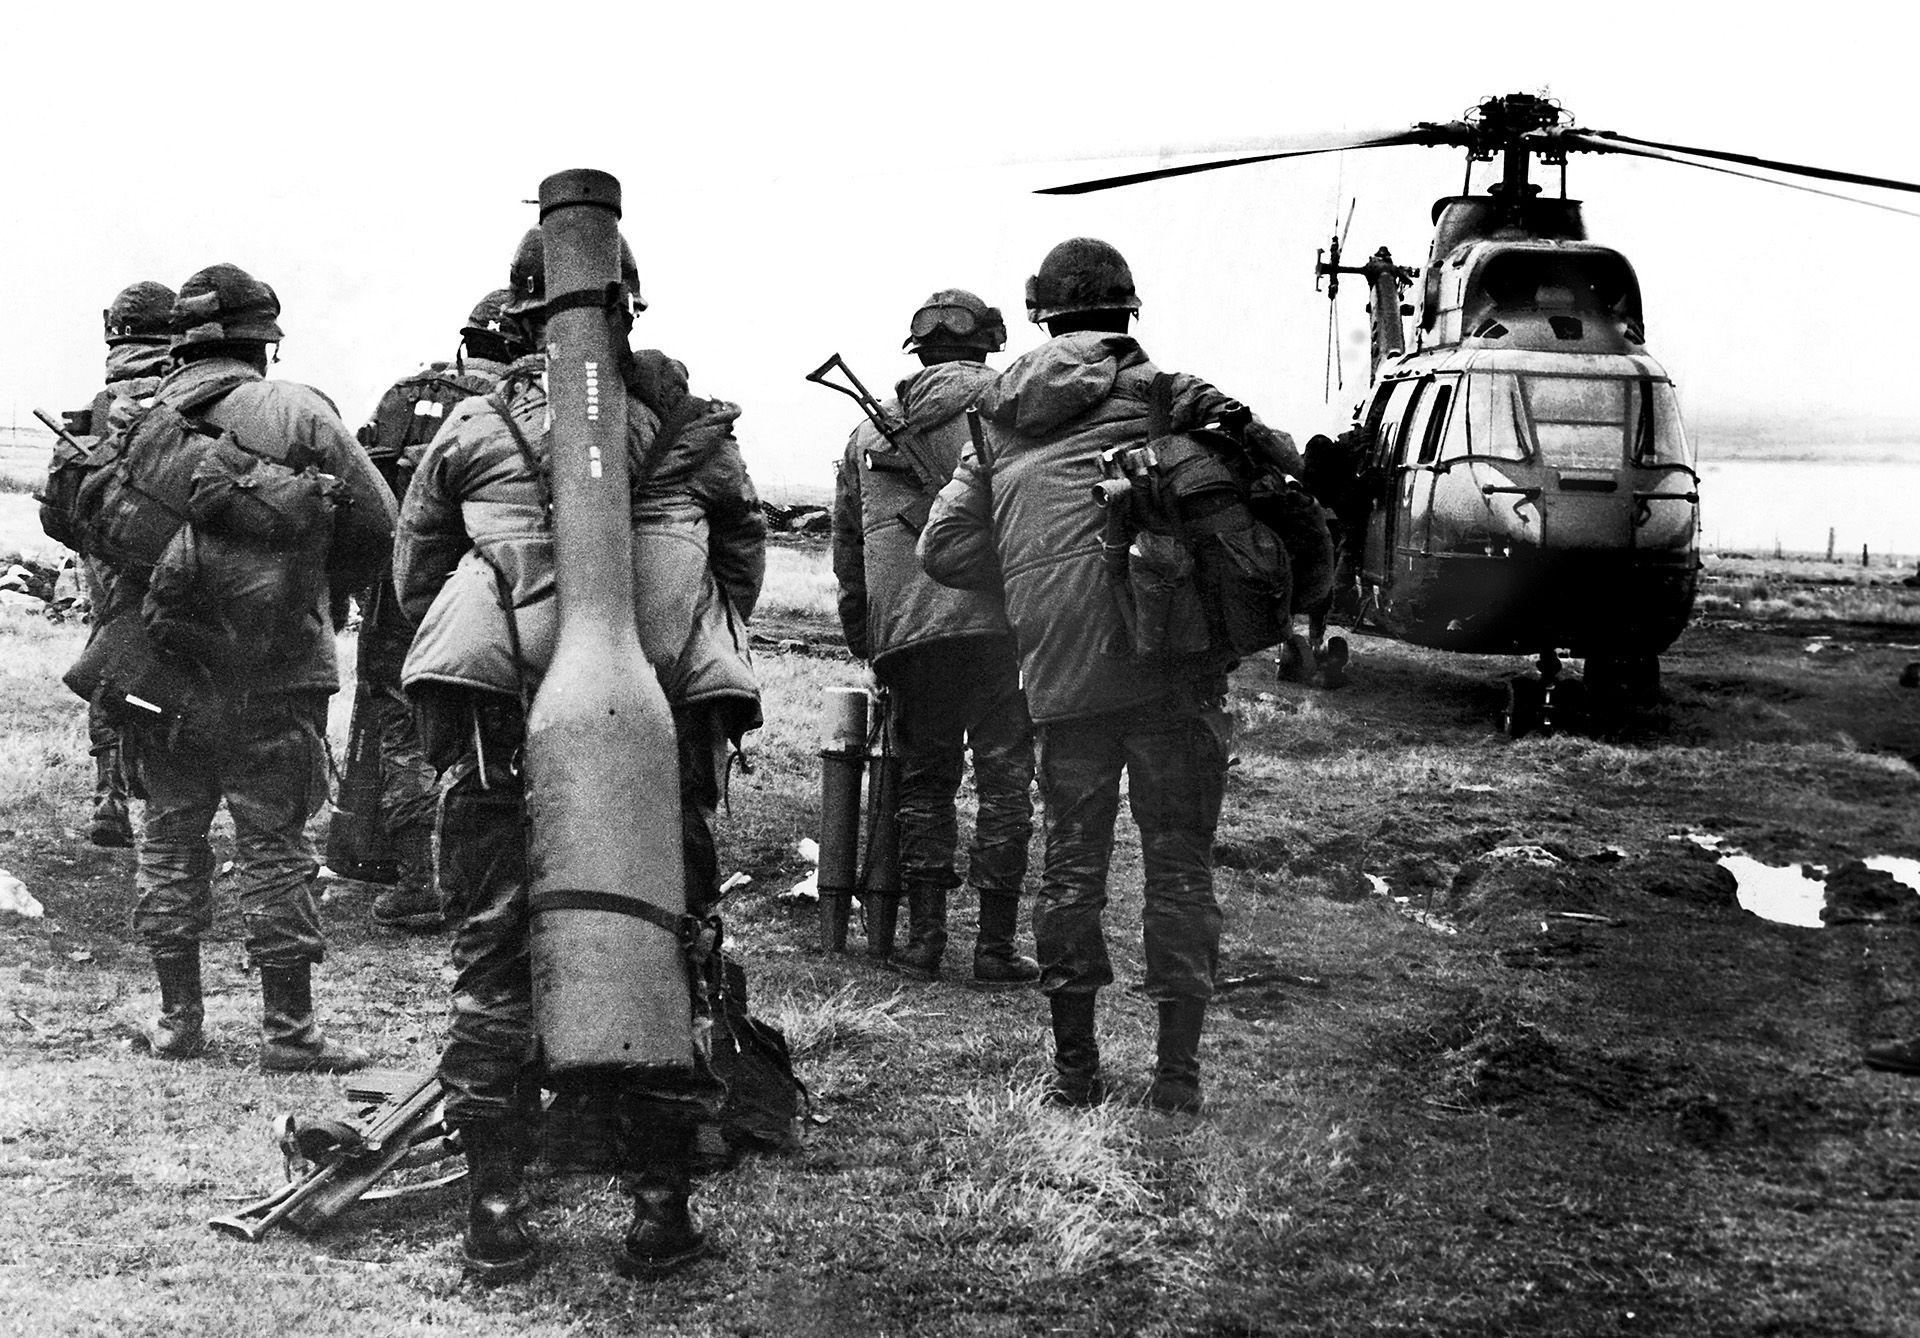 Mayo de 1982- Soldados de la compañía 601 se disponen a abordar un helicóptero para una misión de vigilancia en el estrecho de San Carlos (FOTO ARCHIVO: EDUARDO FARRÉ)